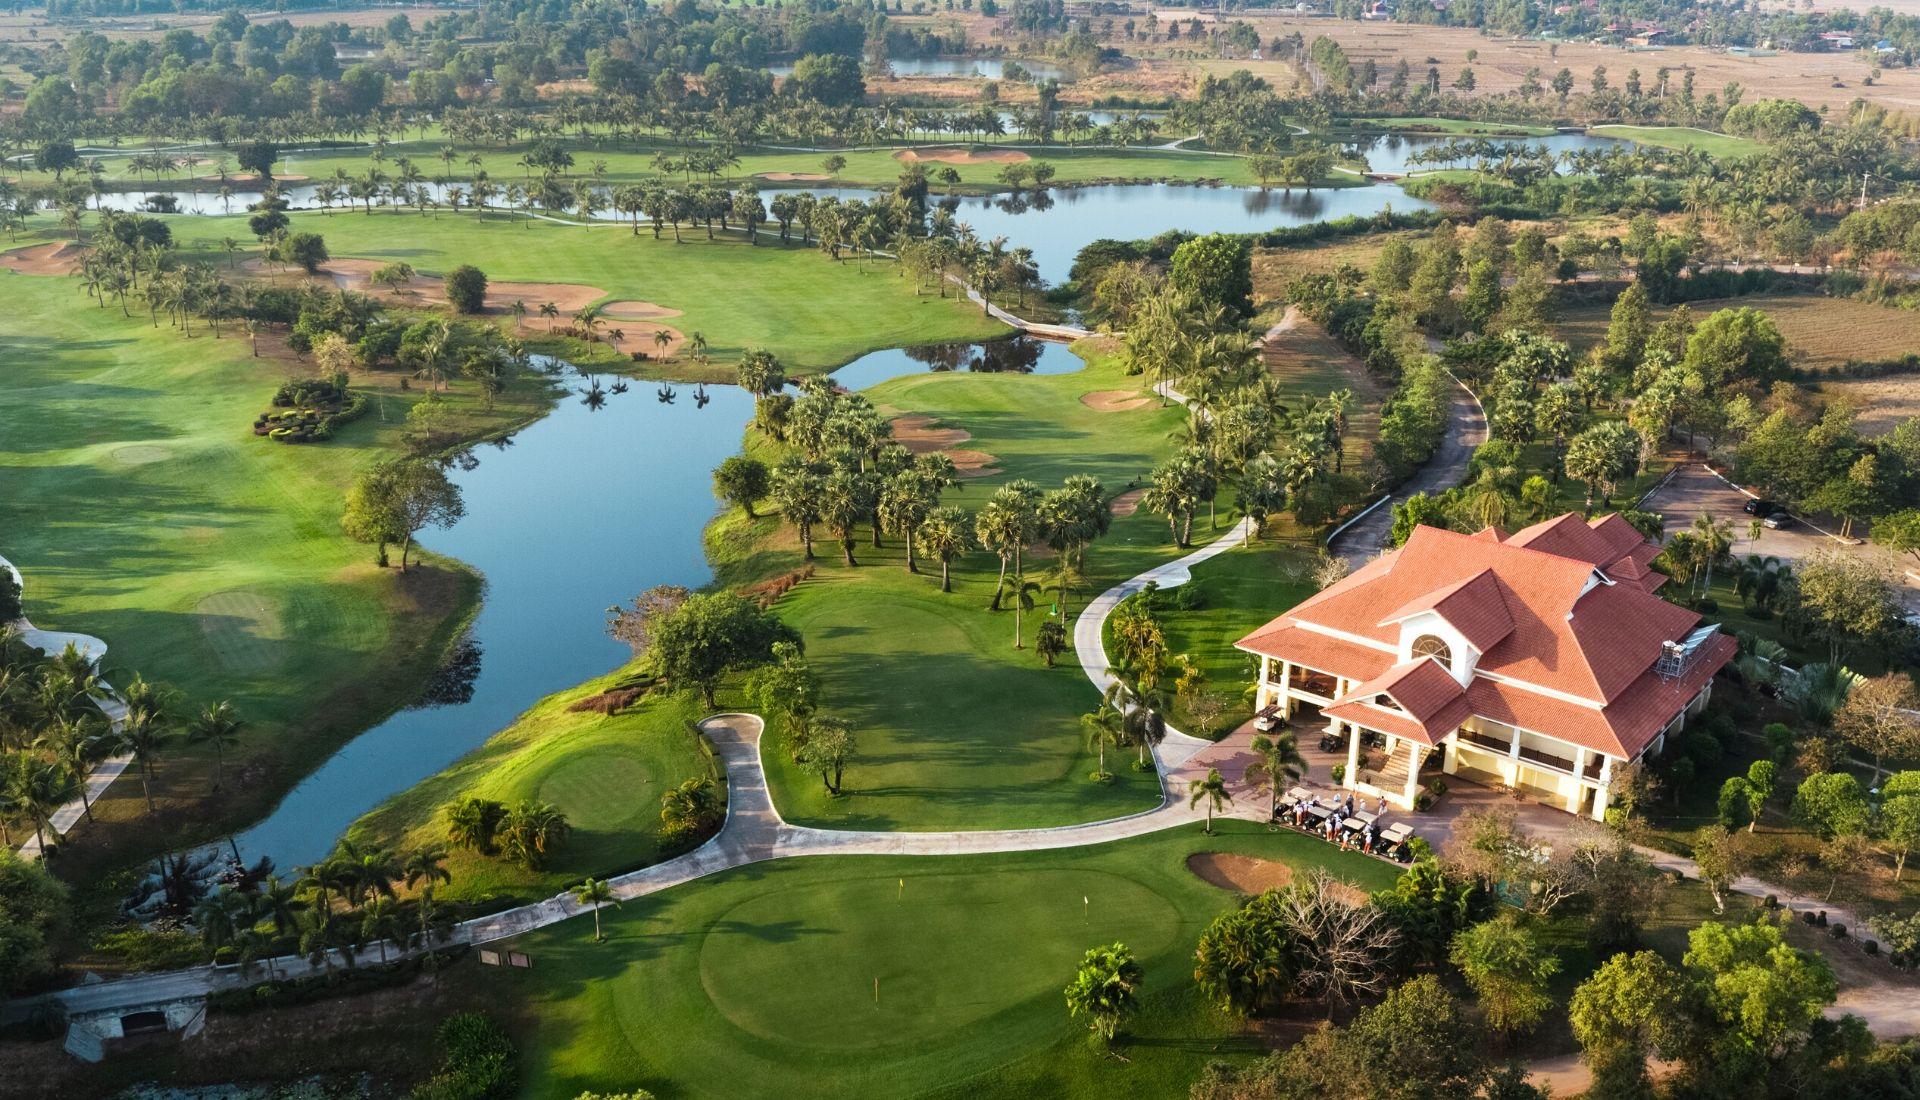 Sofitel Golf Resort